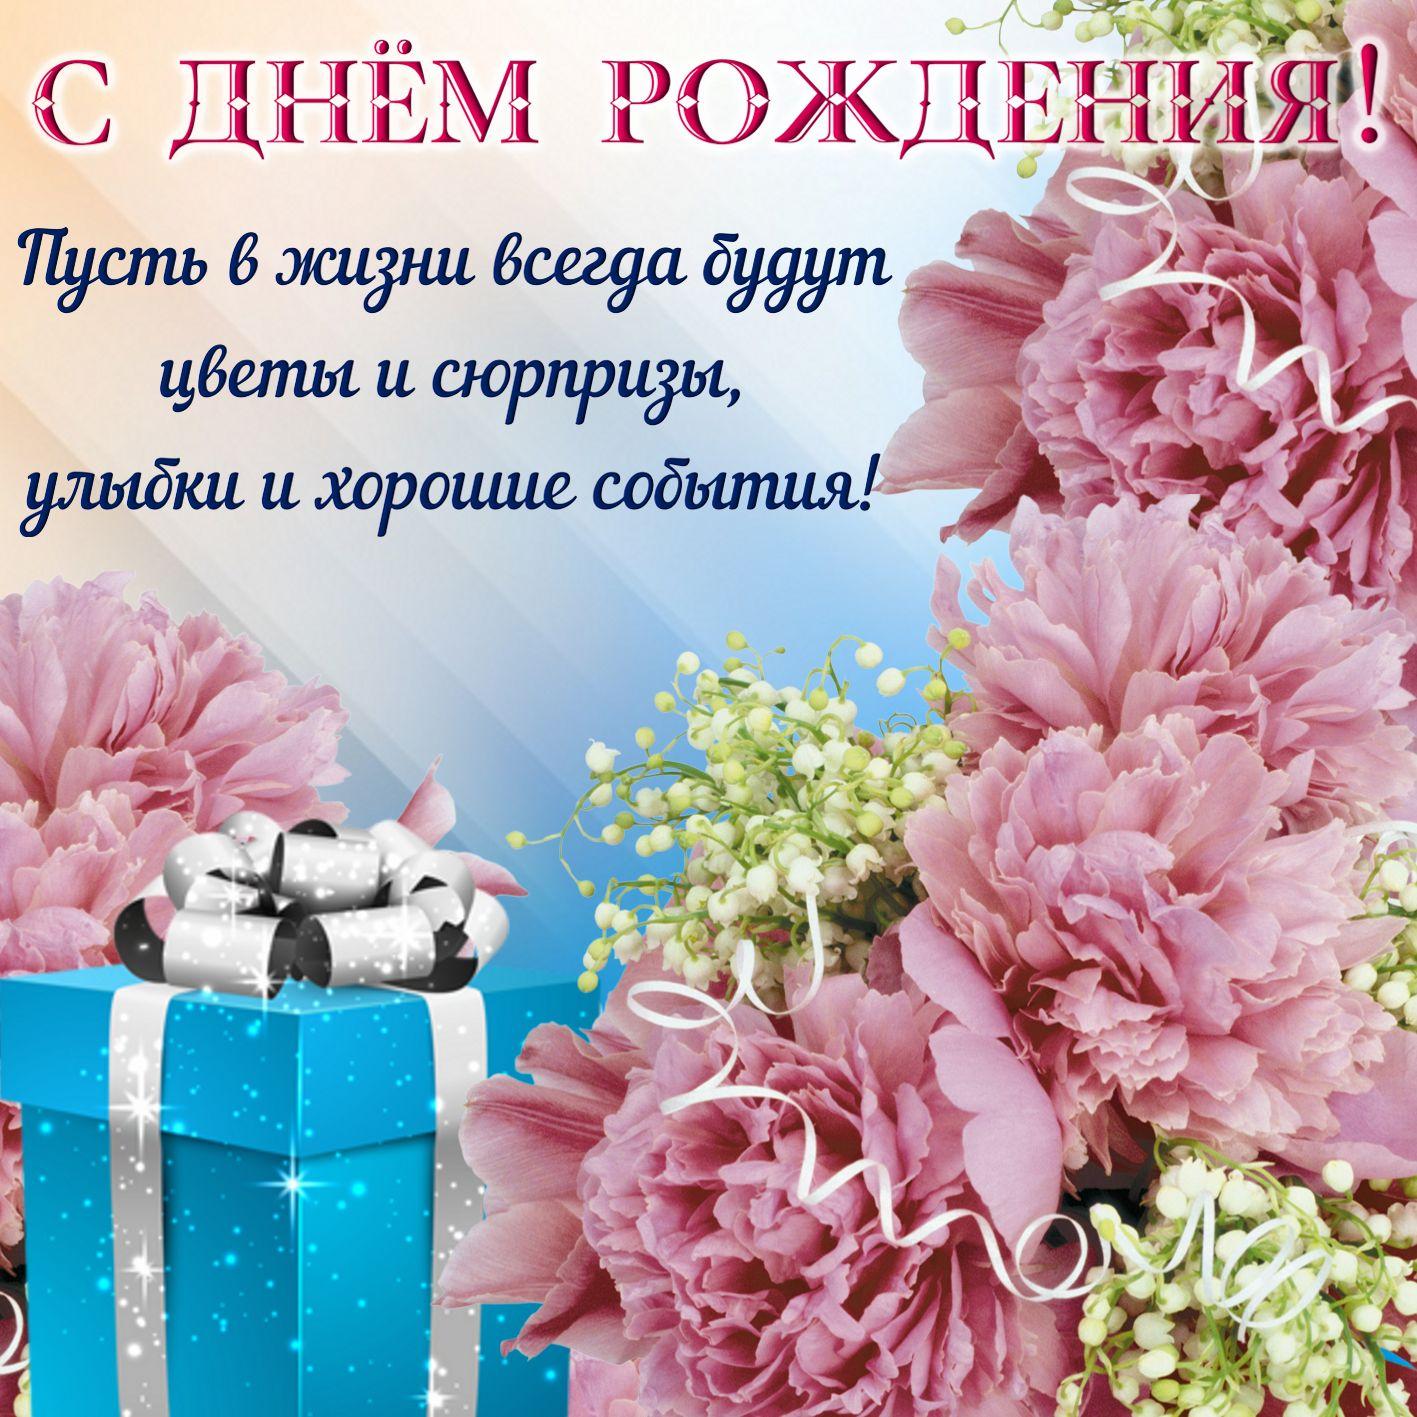 Открытка, поздравление с днем рождения женщине картинки красивые